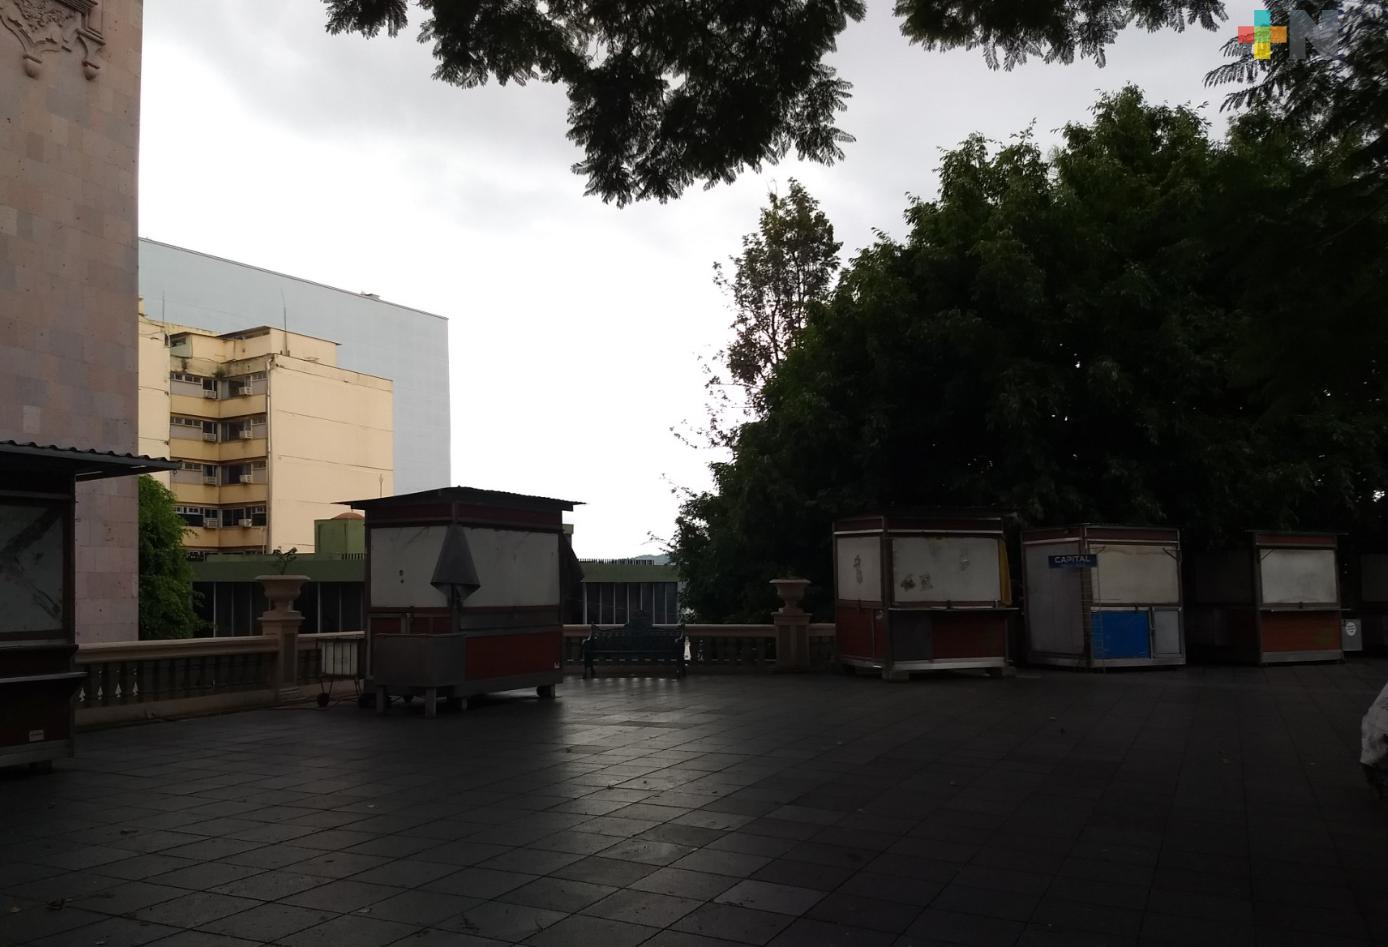 Reapertura parcial del Parque Juárez, a partir de este miércoles